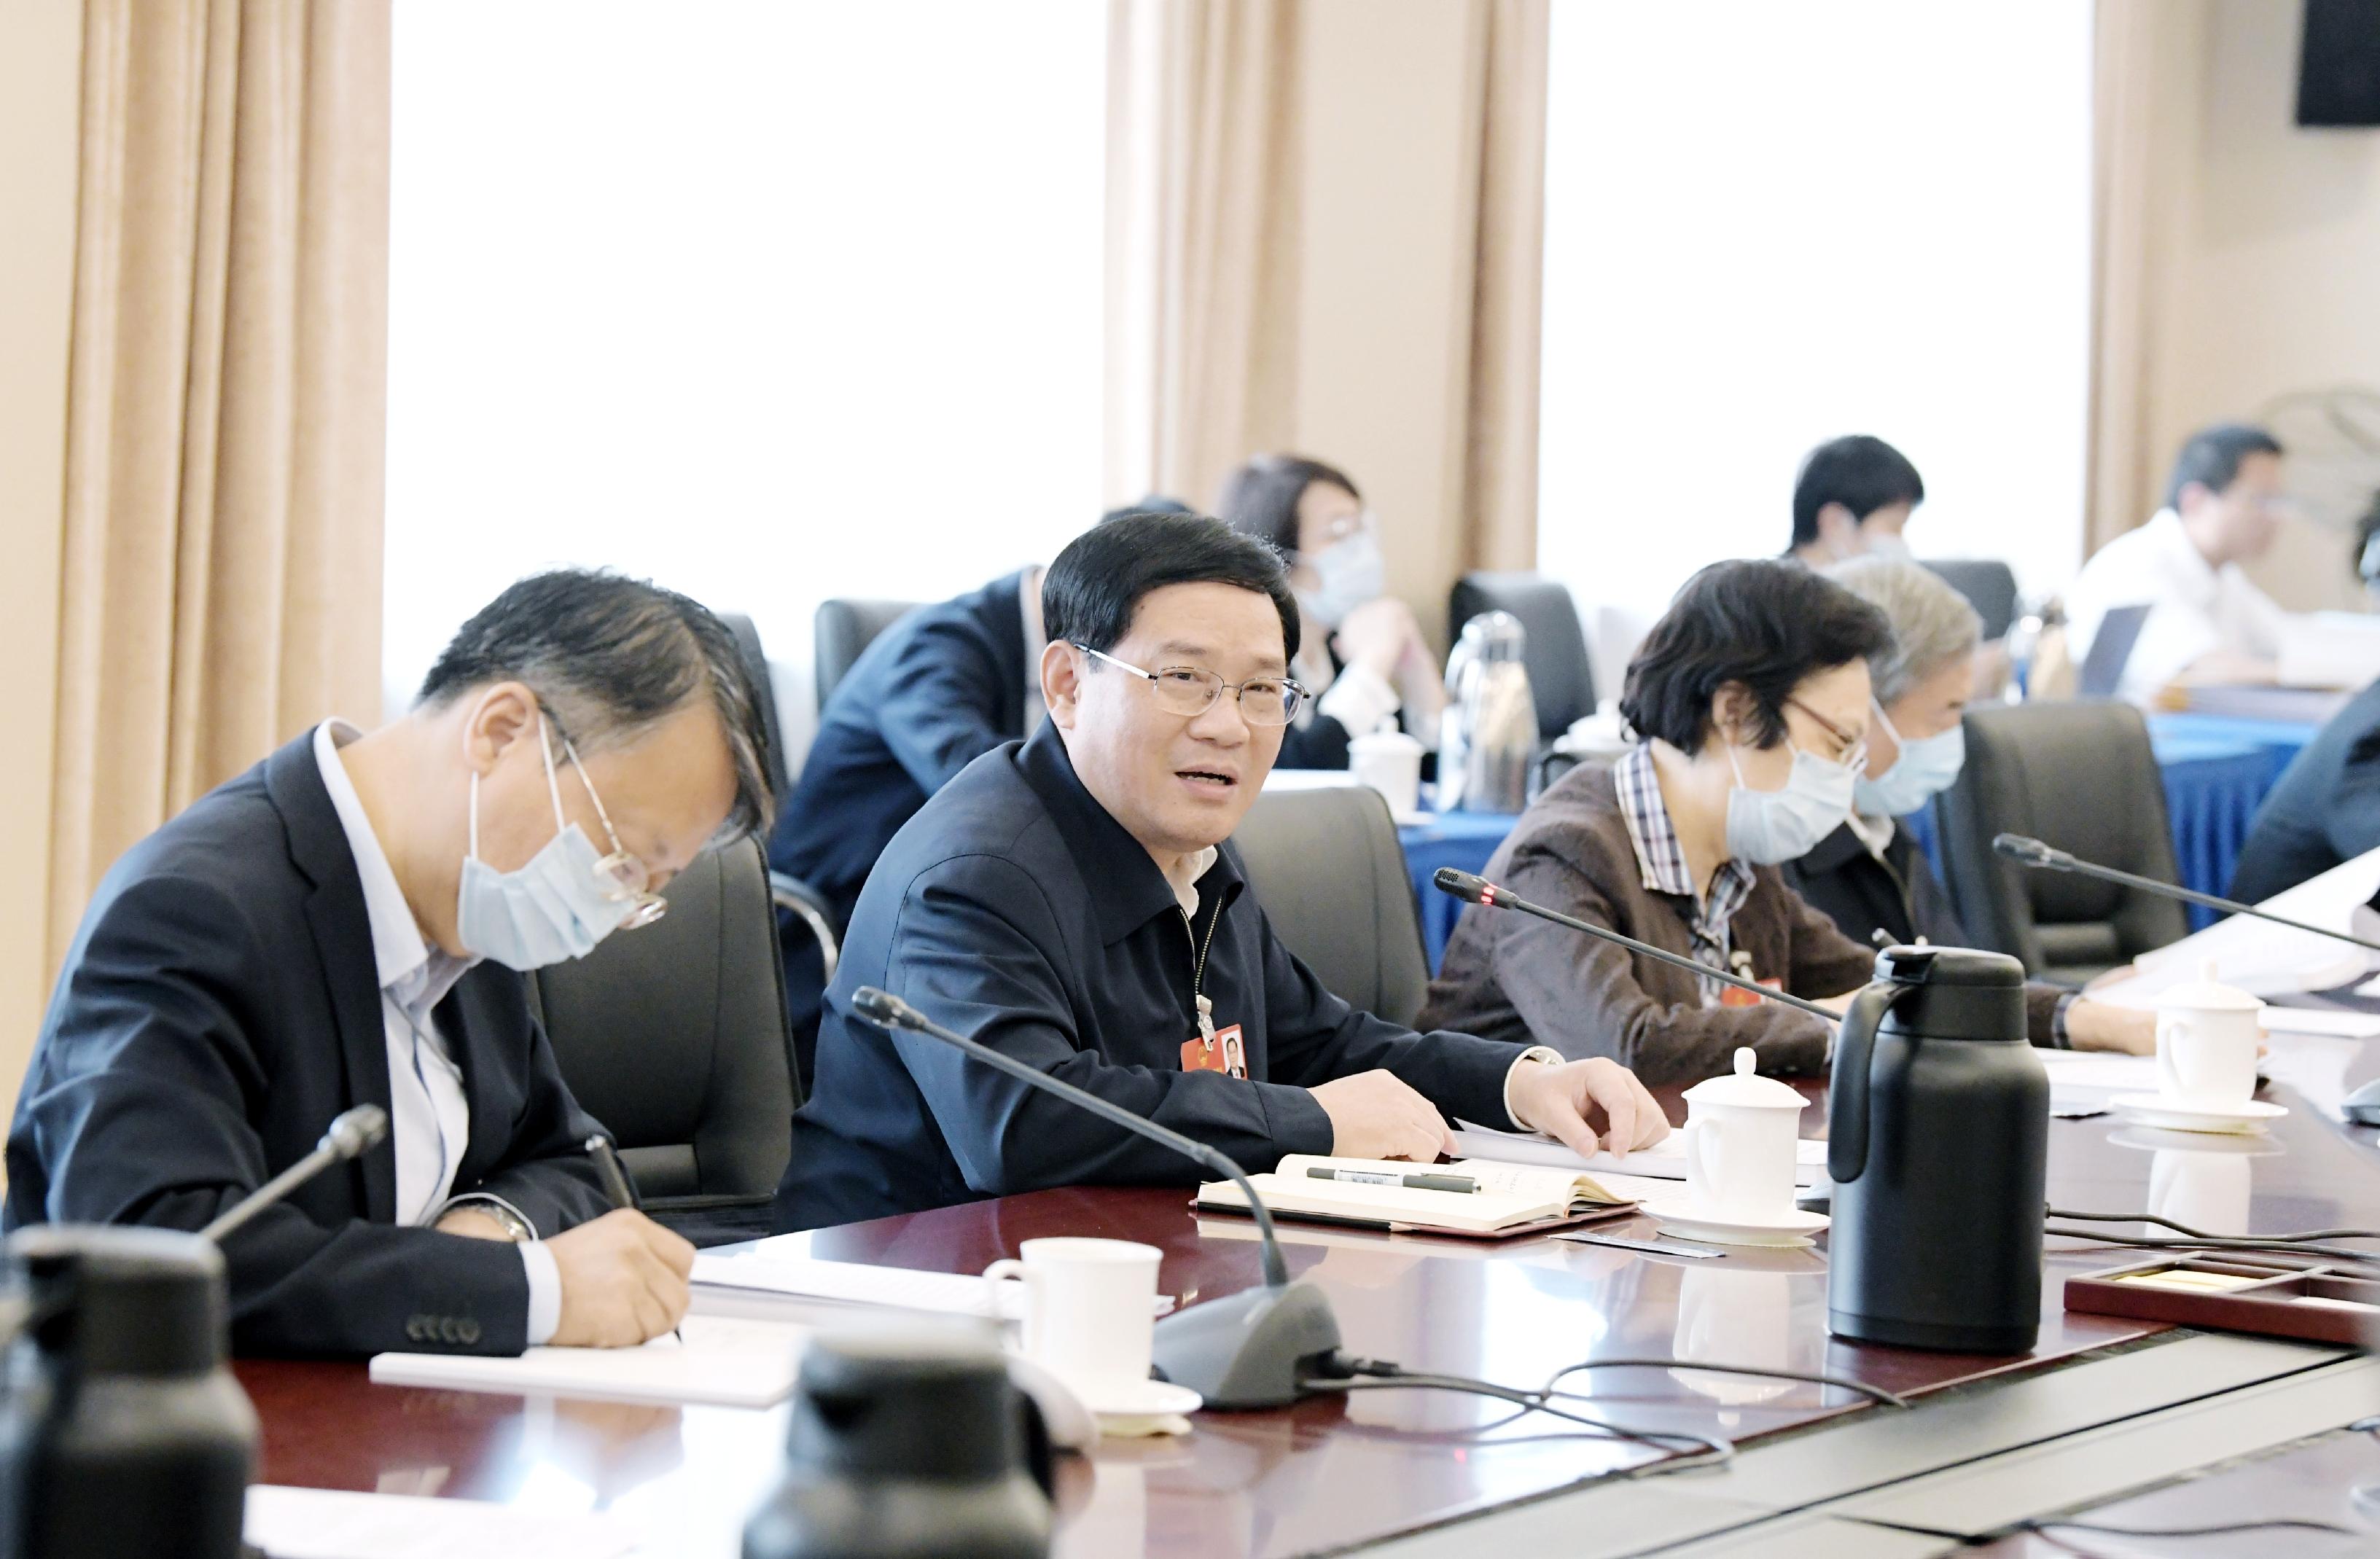 上海团分组审议民法典草案,李强、龚正谈这个重大法治建设部署